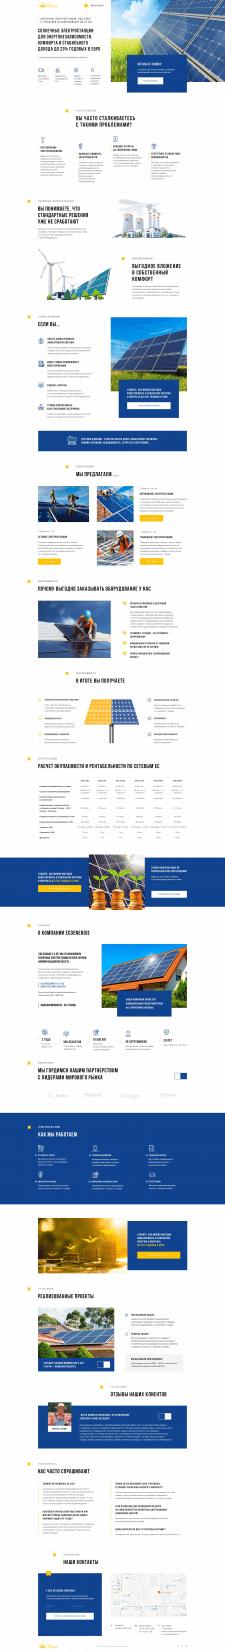 EcoEnergie Solar Panel